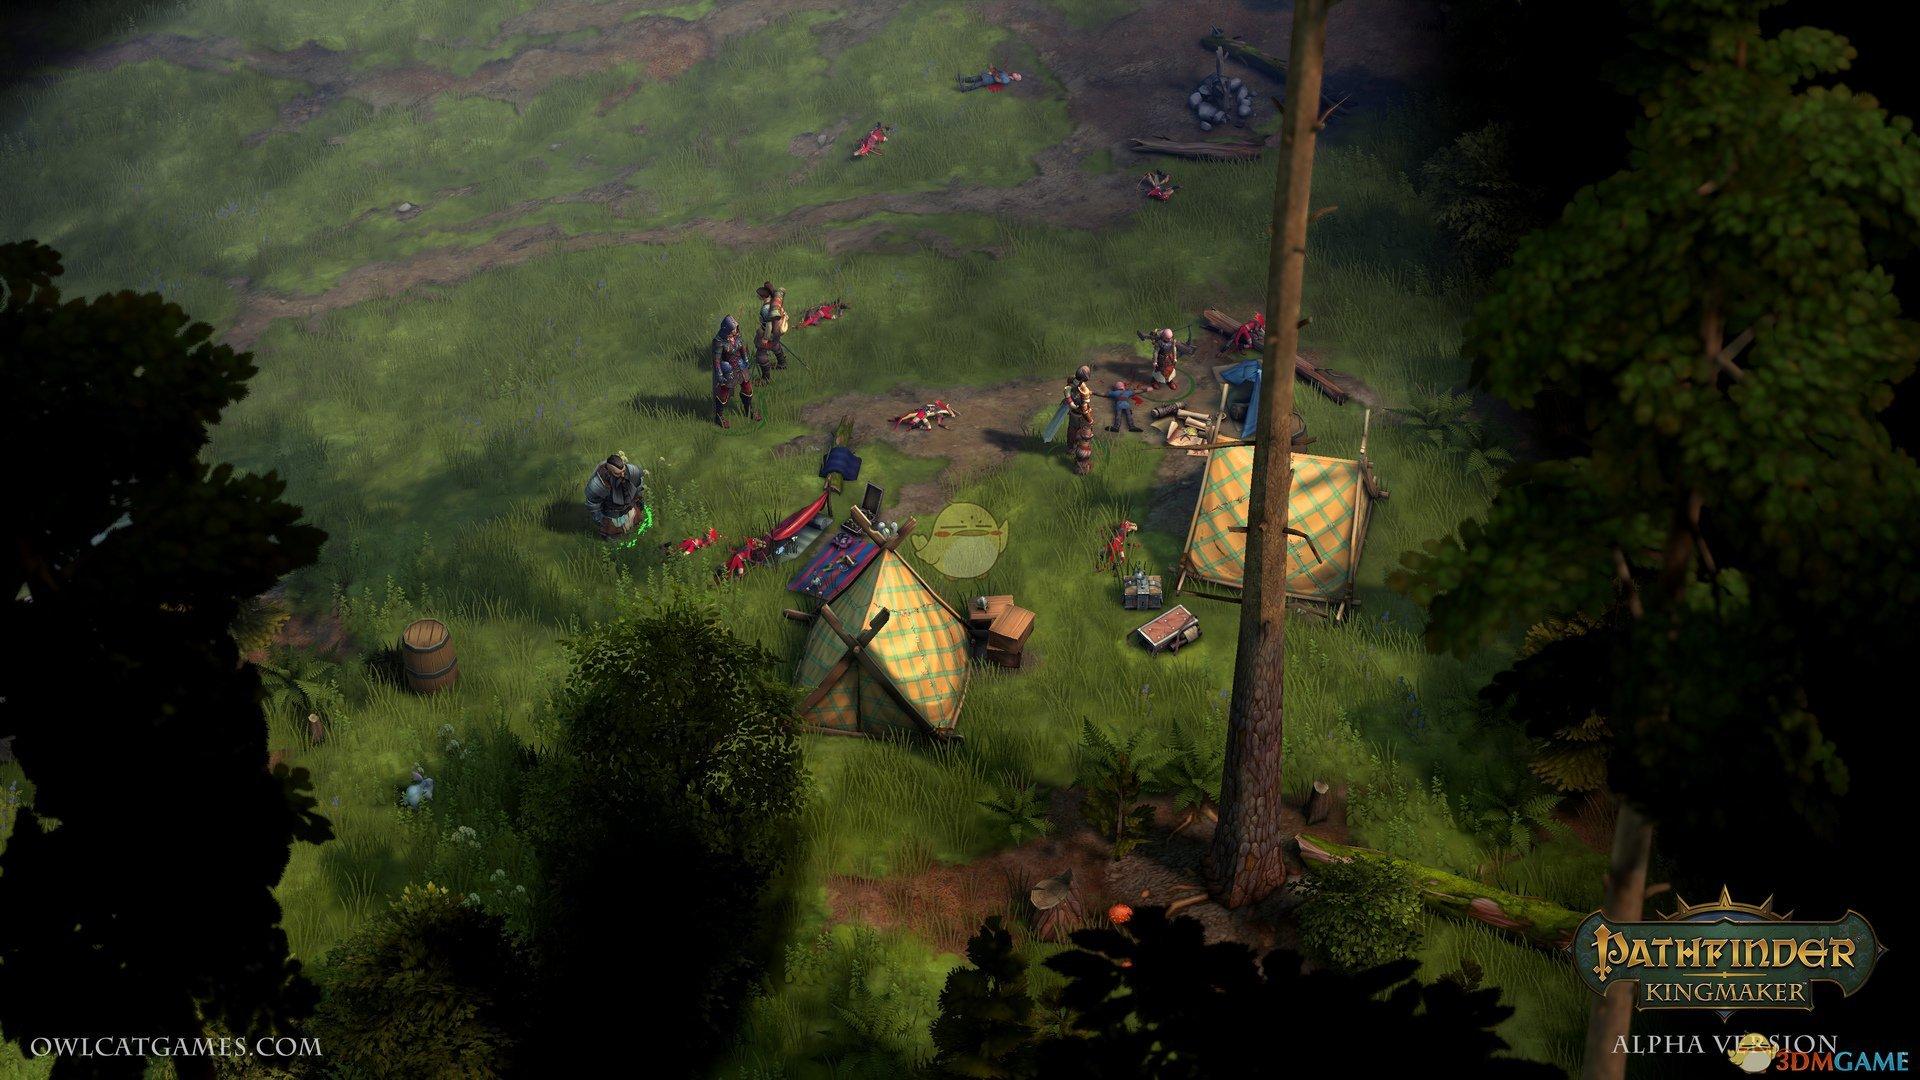 《开拓者:拥王者》火伴布景、工作具体介绍